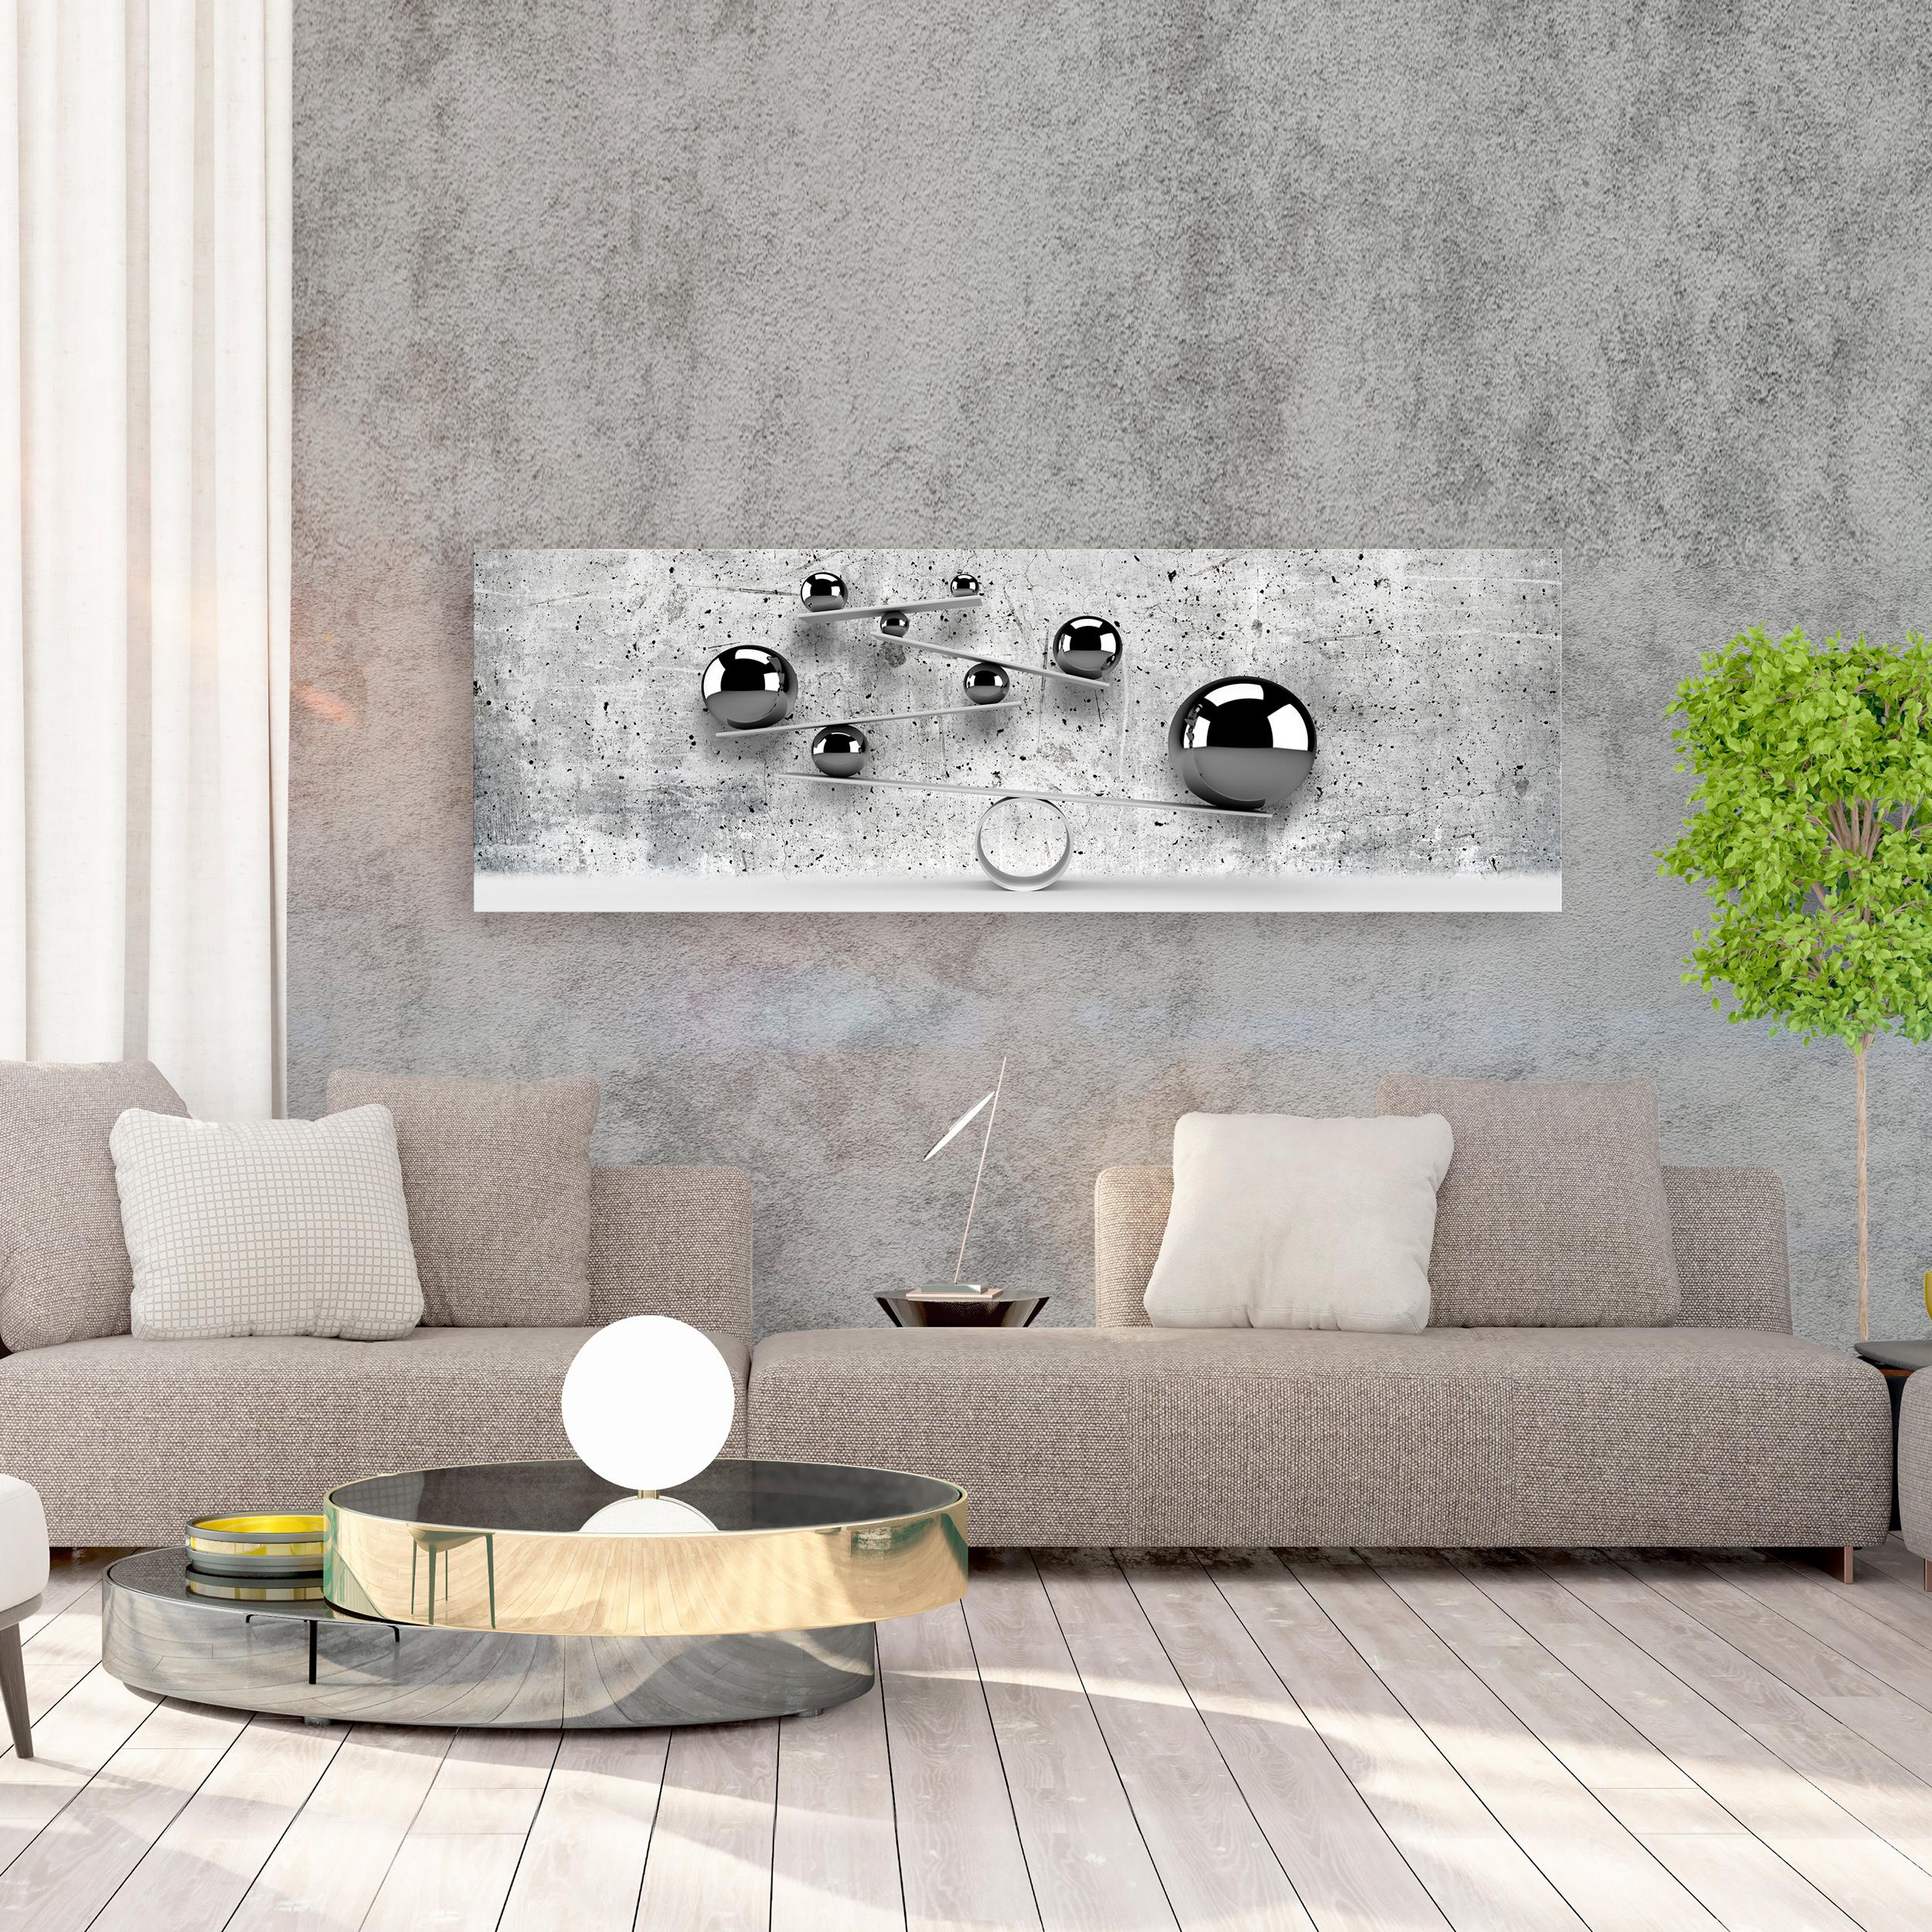 Vlies Leinwand Bilder 3d Abstrakt Kugeln Grau Silber Beton Wandbilder Wohnzimmer Ebay